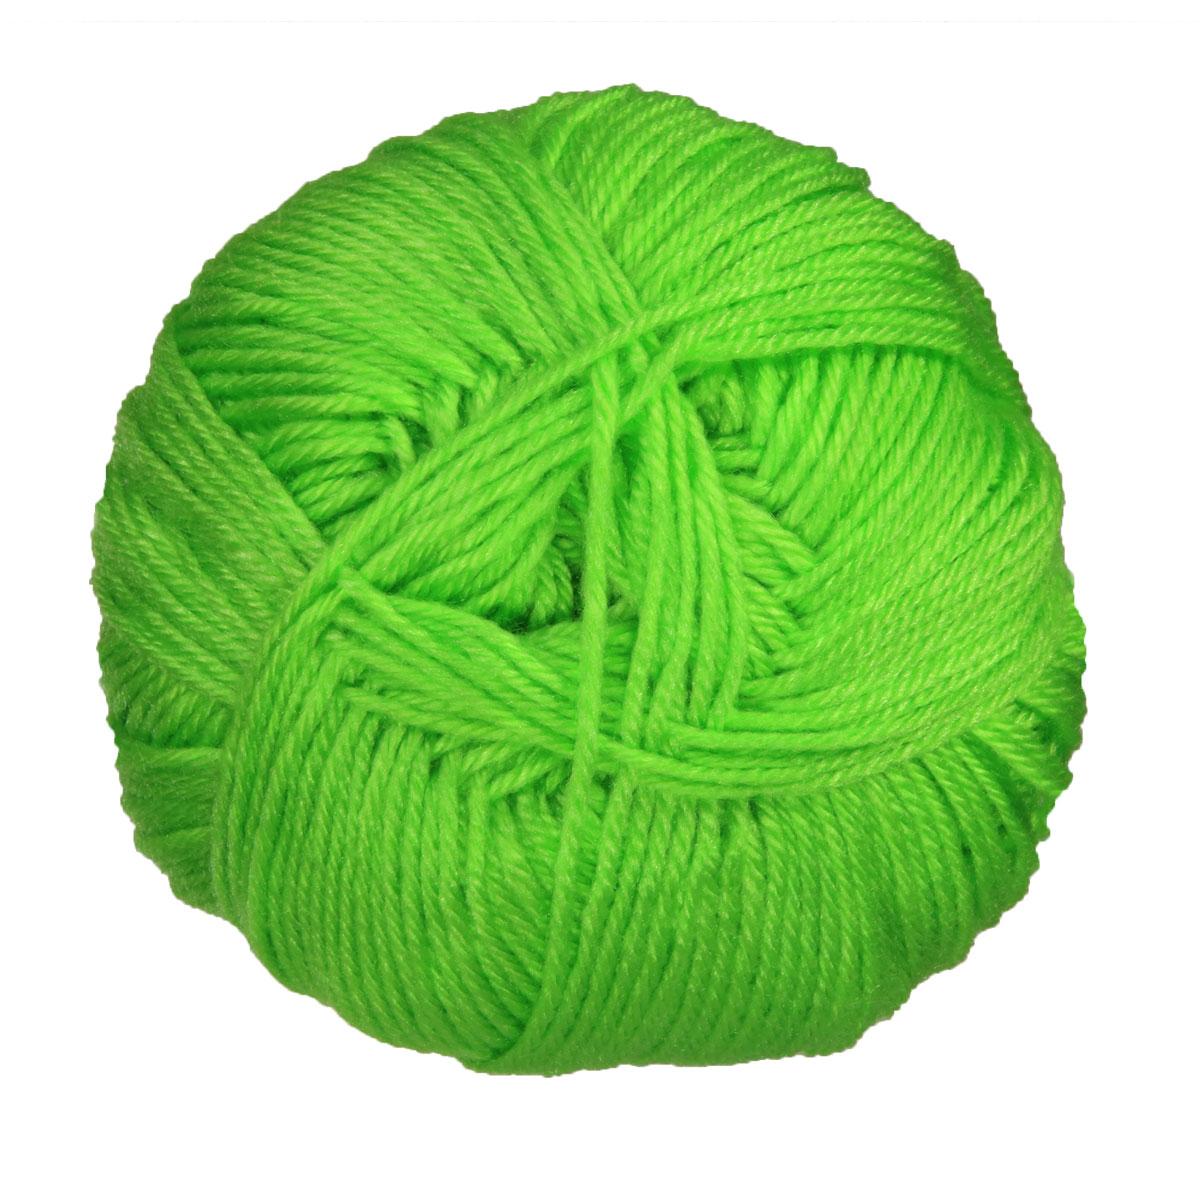 92dd828c14f Cascade Cherub DK Yarn - 71 Jasmine Green at Jimmy Beans Wool